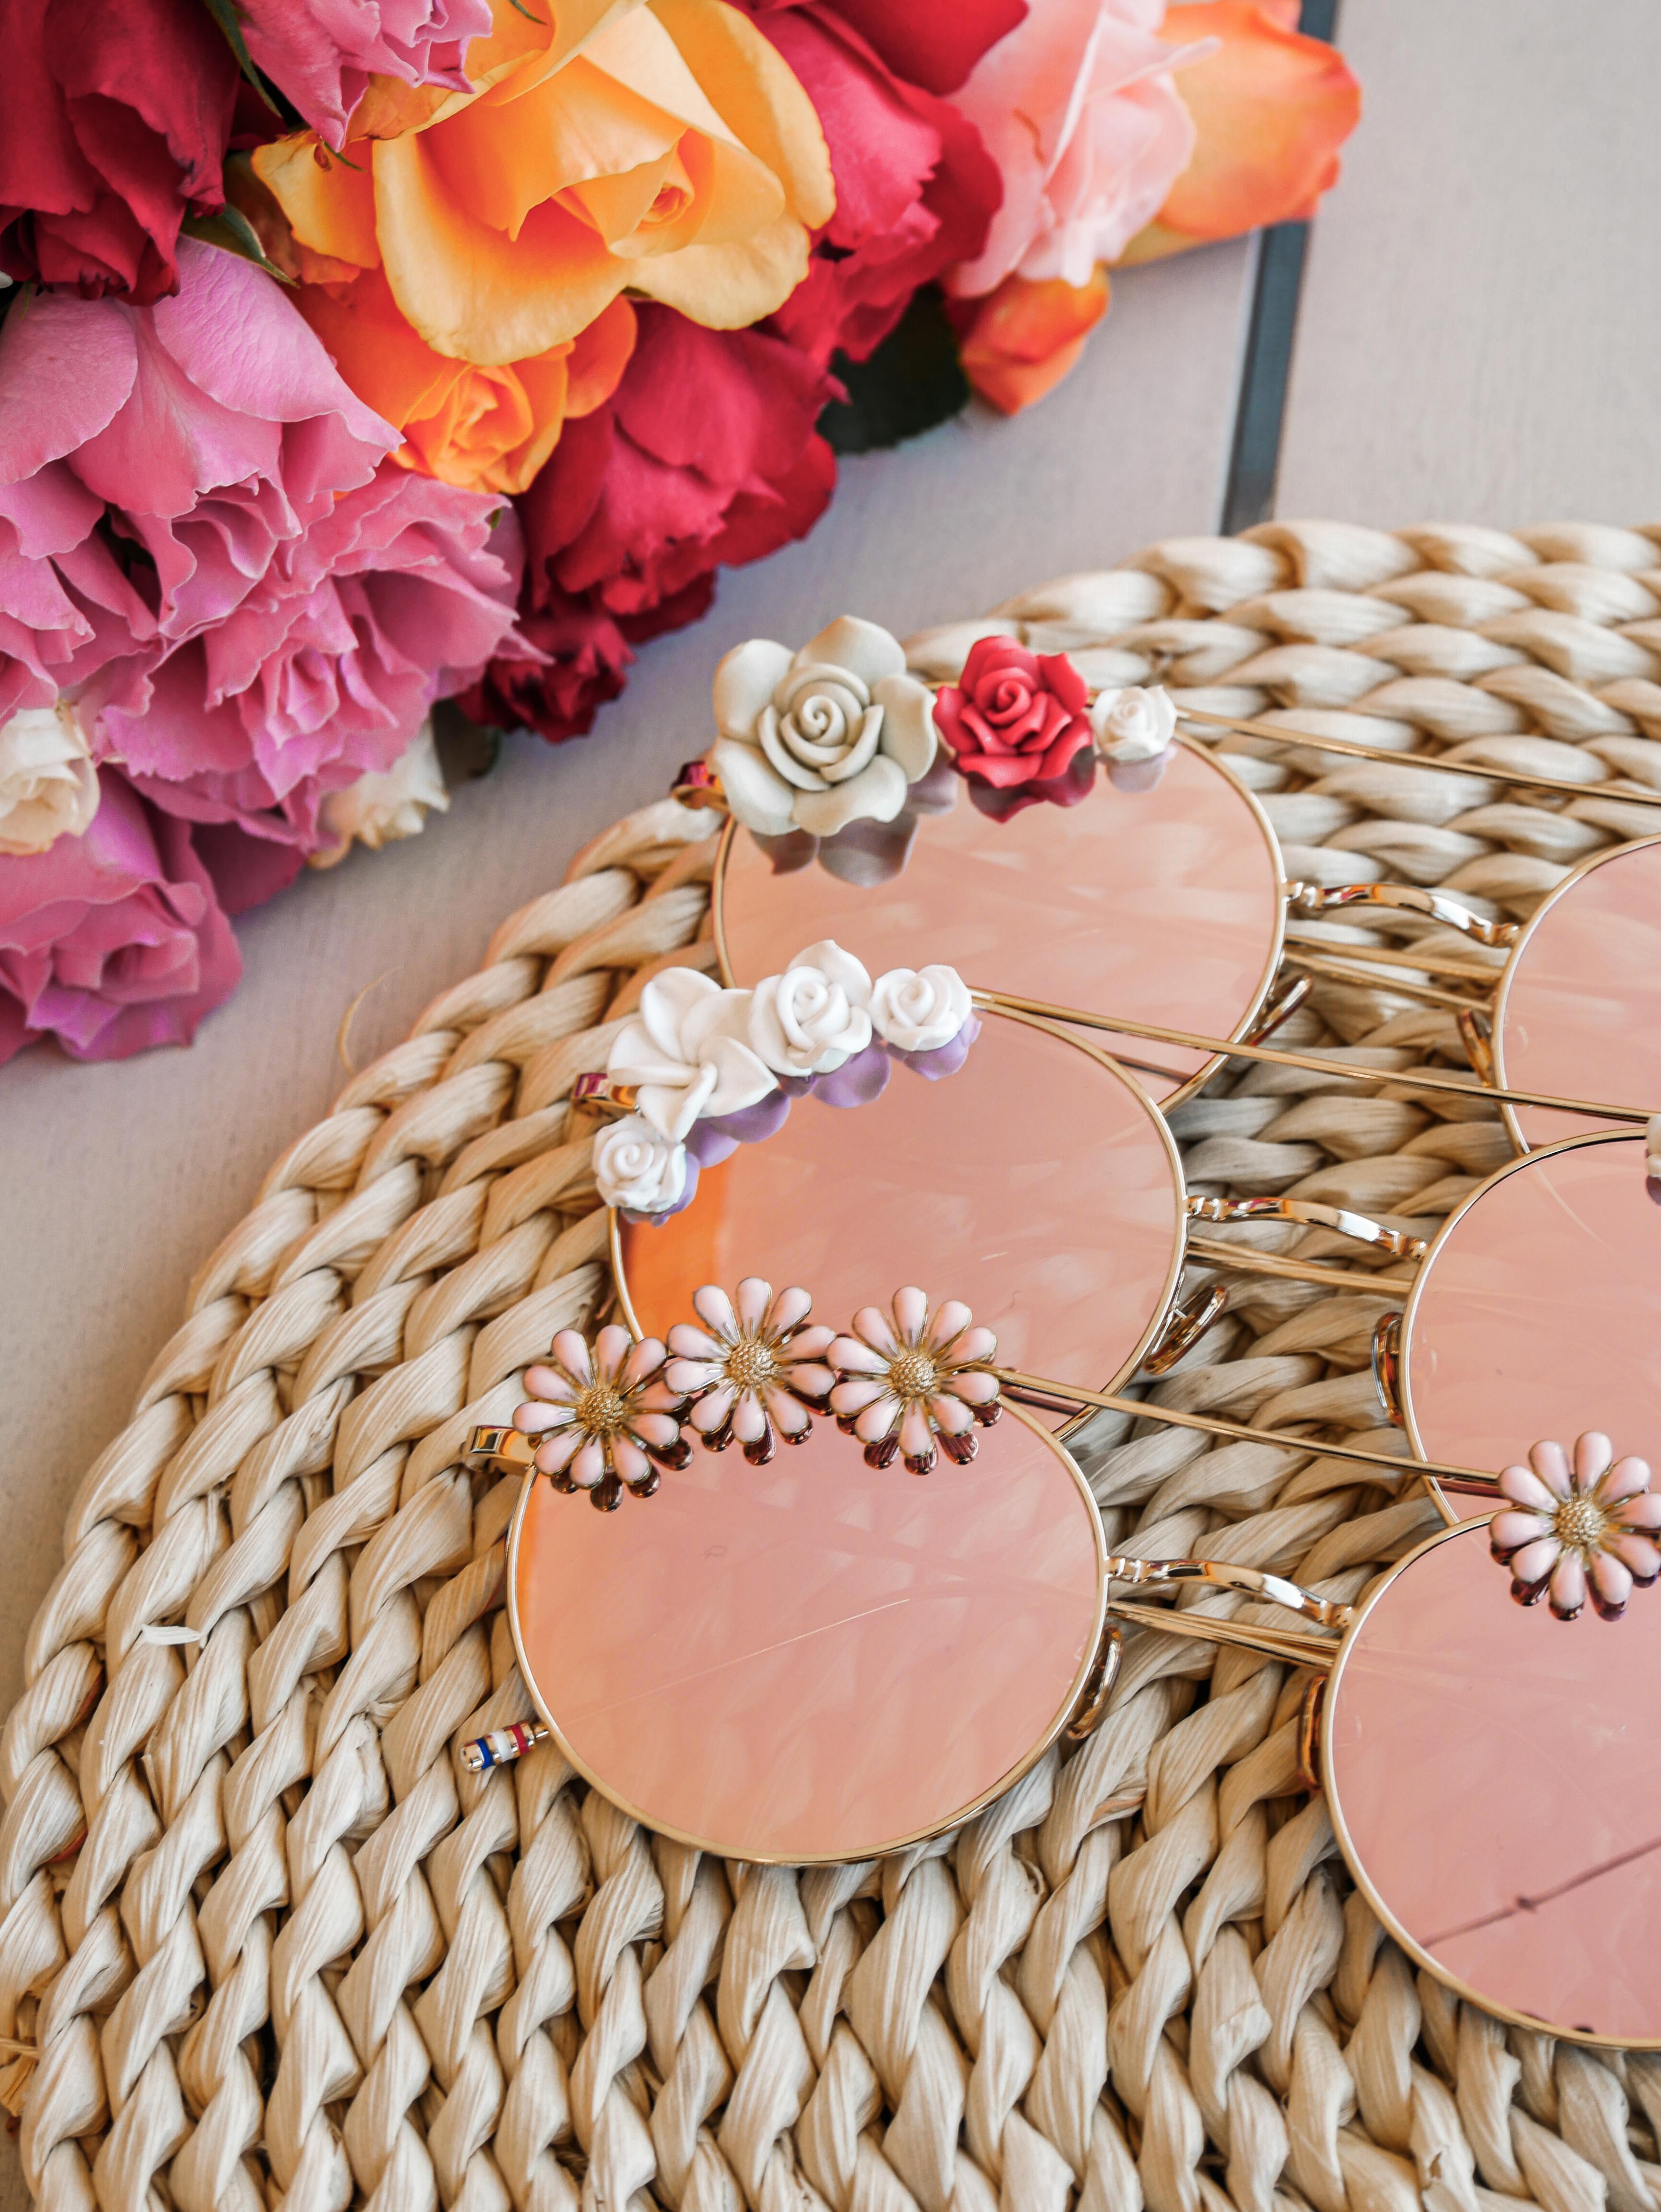 Lunettes de soleil à fleurs | Lunettes mode femme | Rosalie | Cénélia